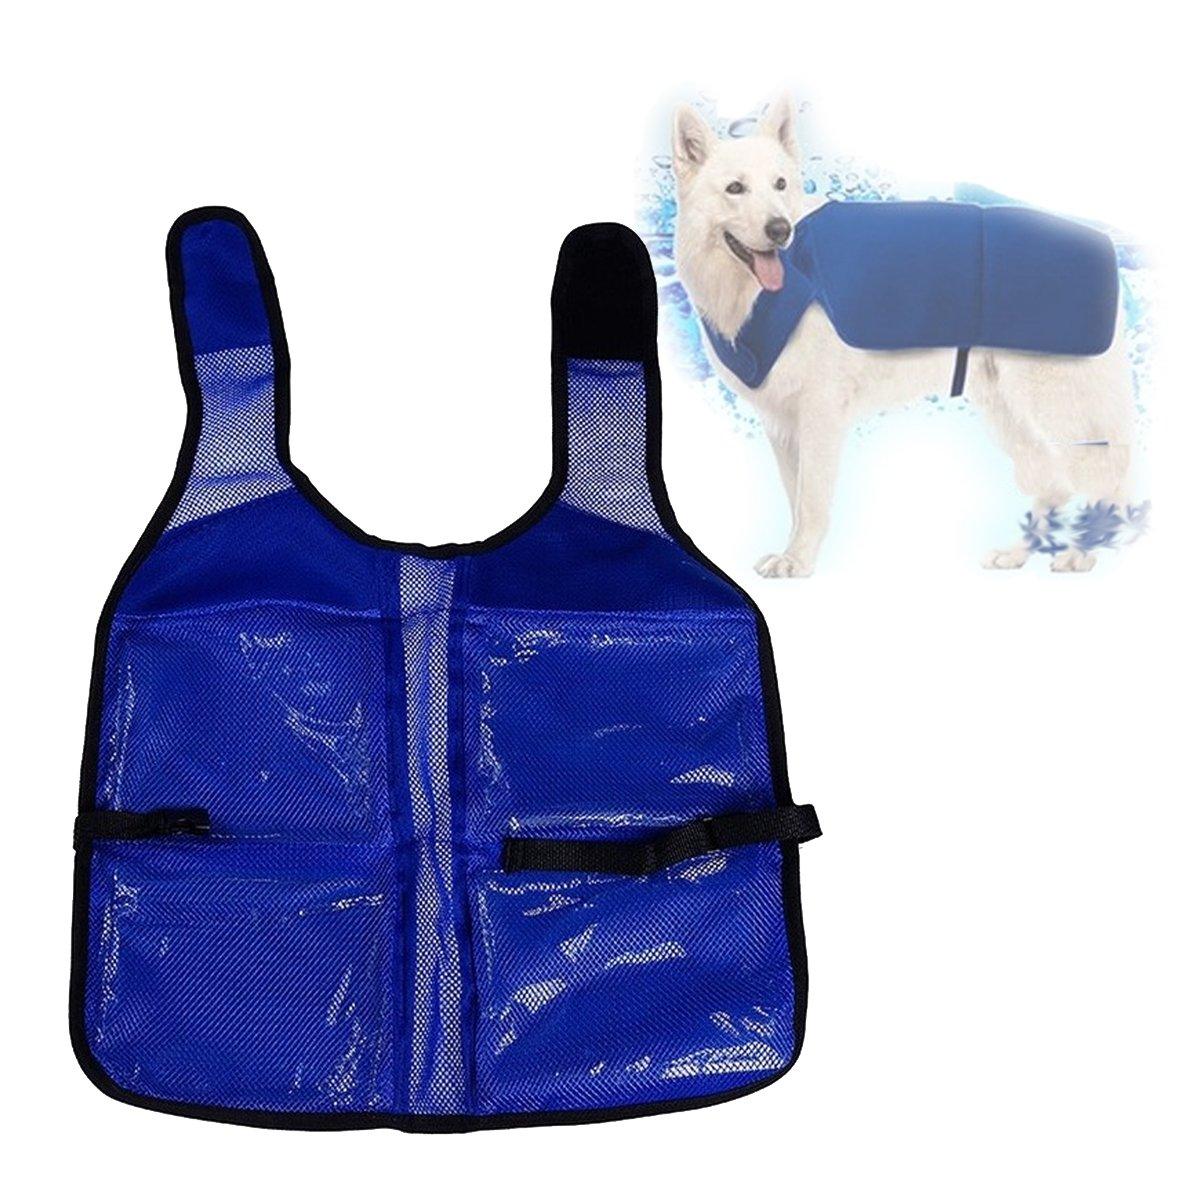 Dog cooling Coat Cooling Vest for Dogs (l)